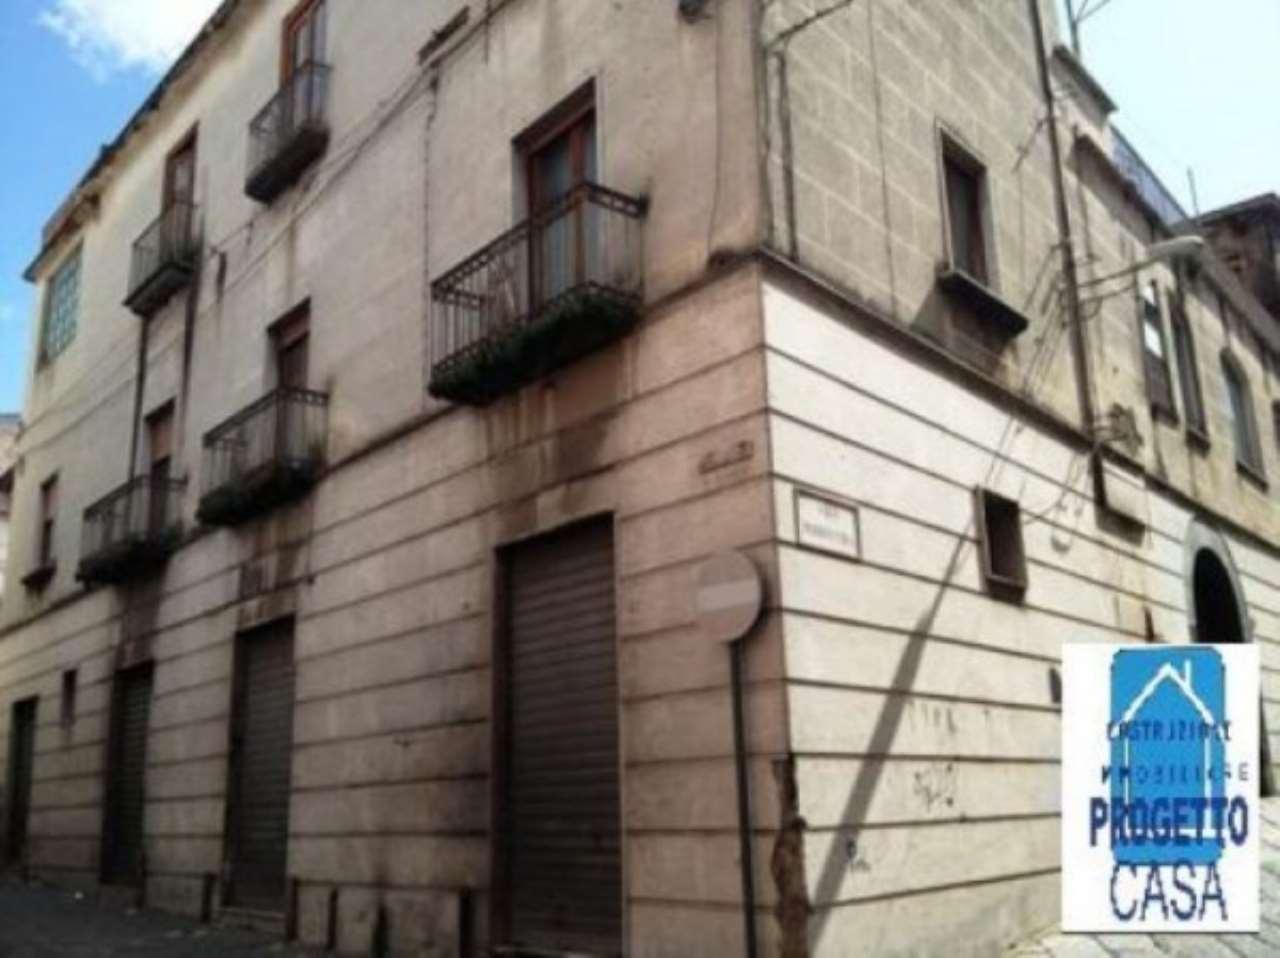 Palazzo / Stabile in vendita a Palma Campania, 6 locali, prezzo € 325.000 | CambioCasa.it